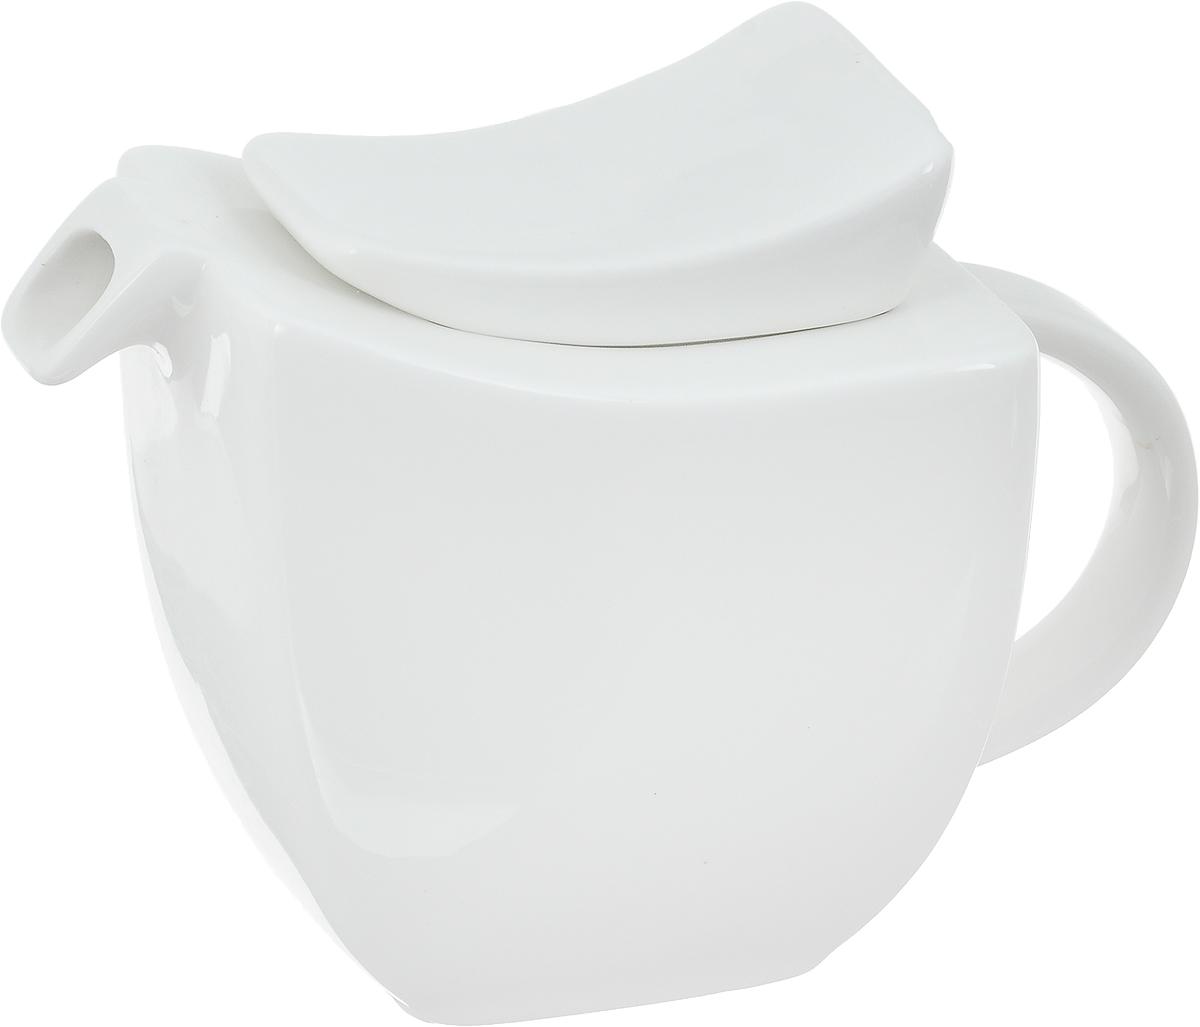 Чайник заварочный Ariane Rectangle, 400 млFS-91909Заварочный чайник Ariane Rectangle изготовлен из высококачественного фарфора. Глазурованное покрытие обеспечивает легкую очистку. Изделие прекрасно подходит для заваривания вкусного и ароматного чая, а также травяных настоев. Оригинальный дизайн сделает чайник настоящим украшением стола. Он удобен в использовании и понравится каждому.Можно мыть в посудомоечной машине и использовать в микроволновой печи. Размер чайника (по верхнему краю): 8,5 х 10,5 см. Высота чайника (без учета крышки): 9 см. Высота чайника (с учетом крышки): 12 см.